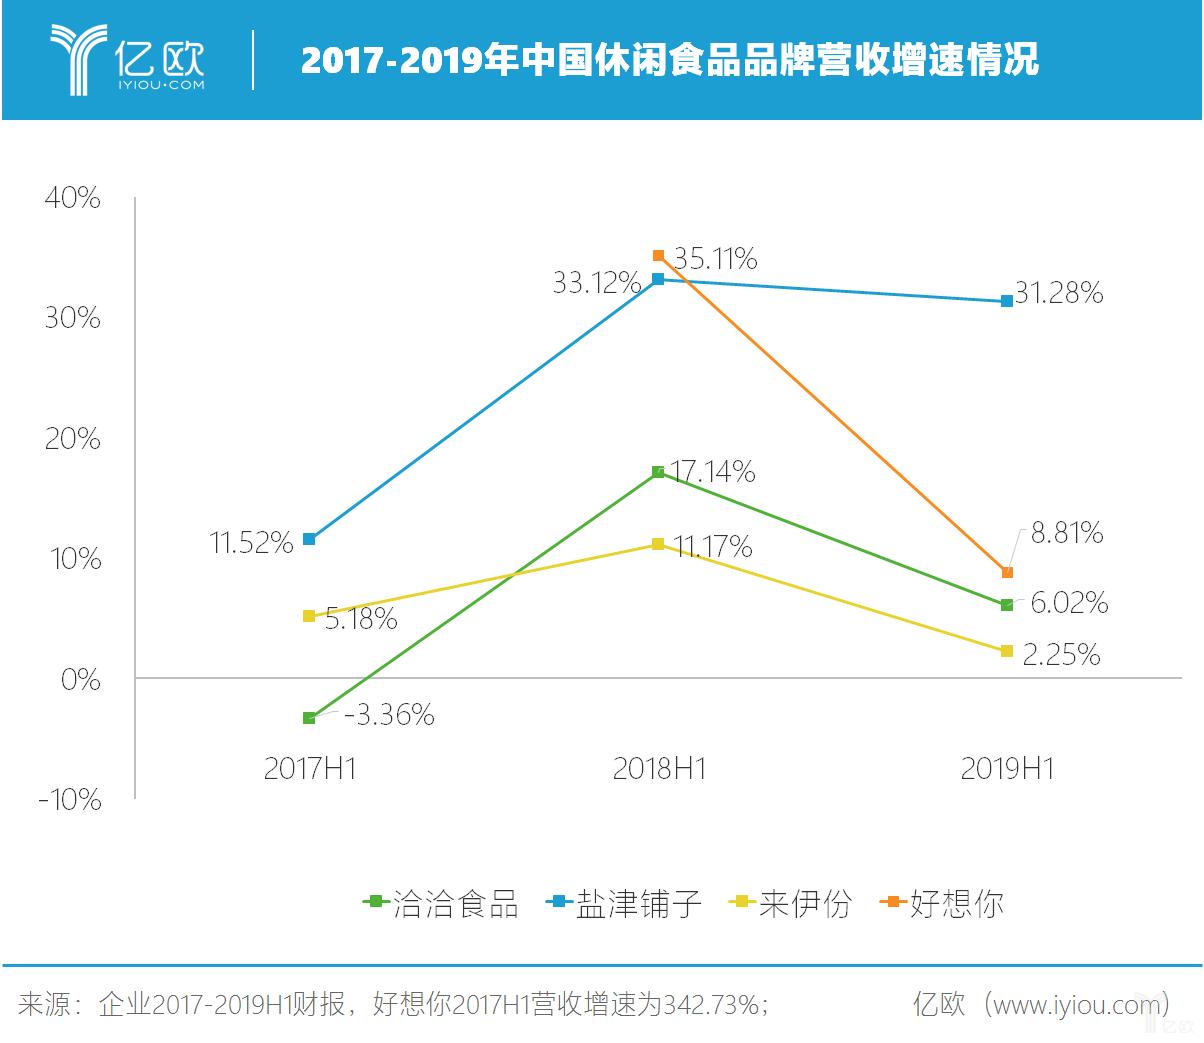 亿欧:2017-2019年中国休闲食品品牌营收增速情况